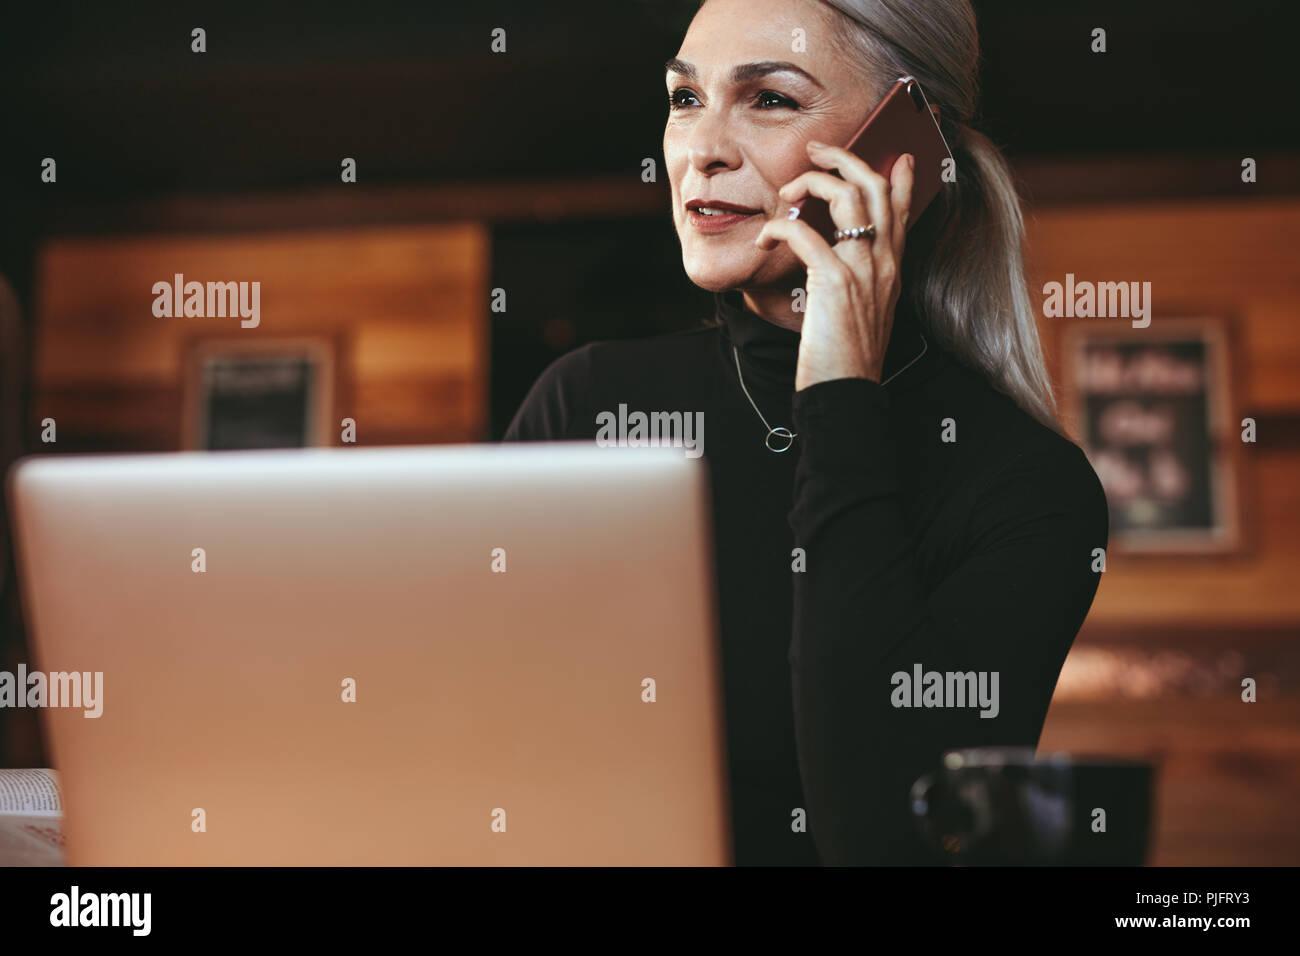 Retrato de hermosa mujer senior sentado en la cafetería y hablando por teléfono celular. La empresaria realizar llamadas telefónicas mientras está sentado en el café. Imagen De Stock